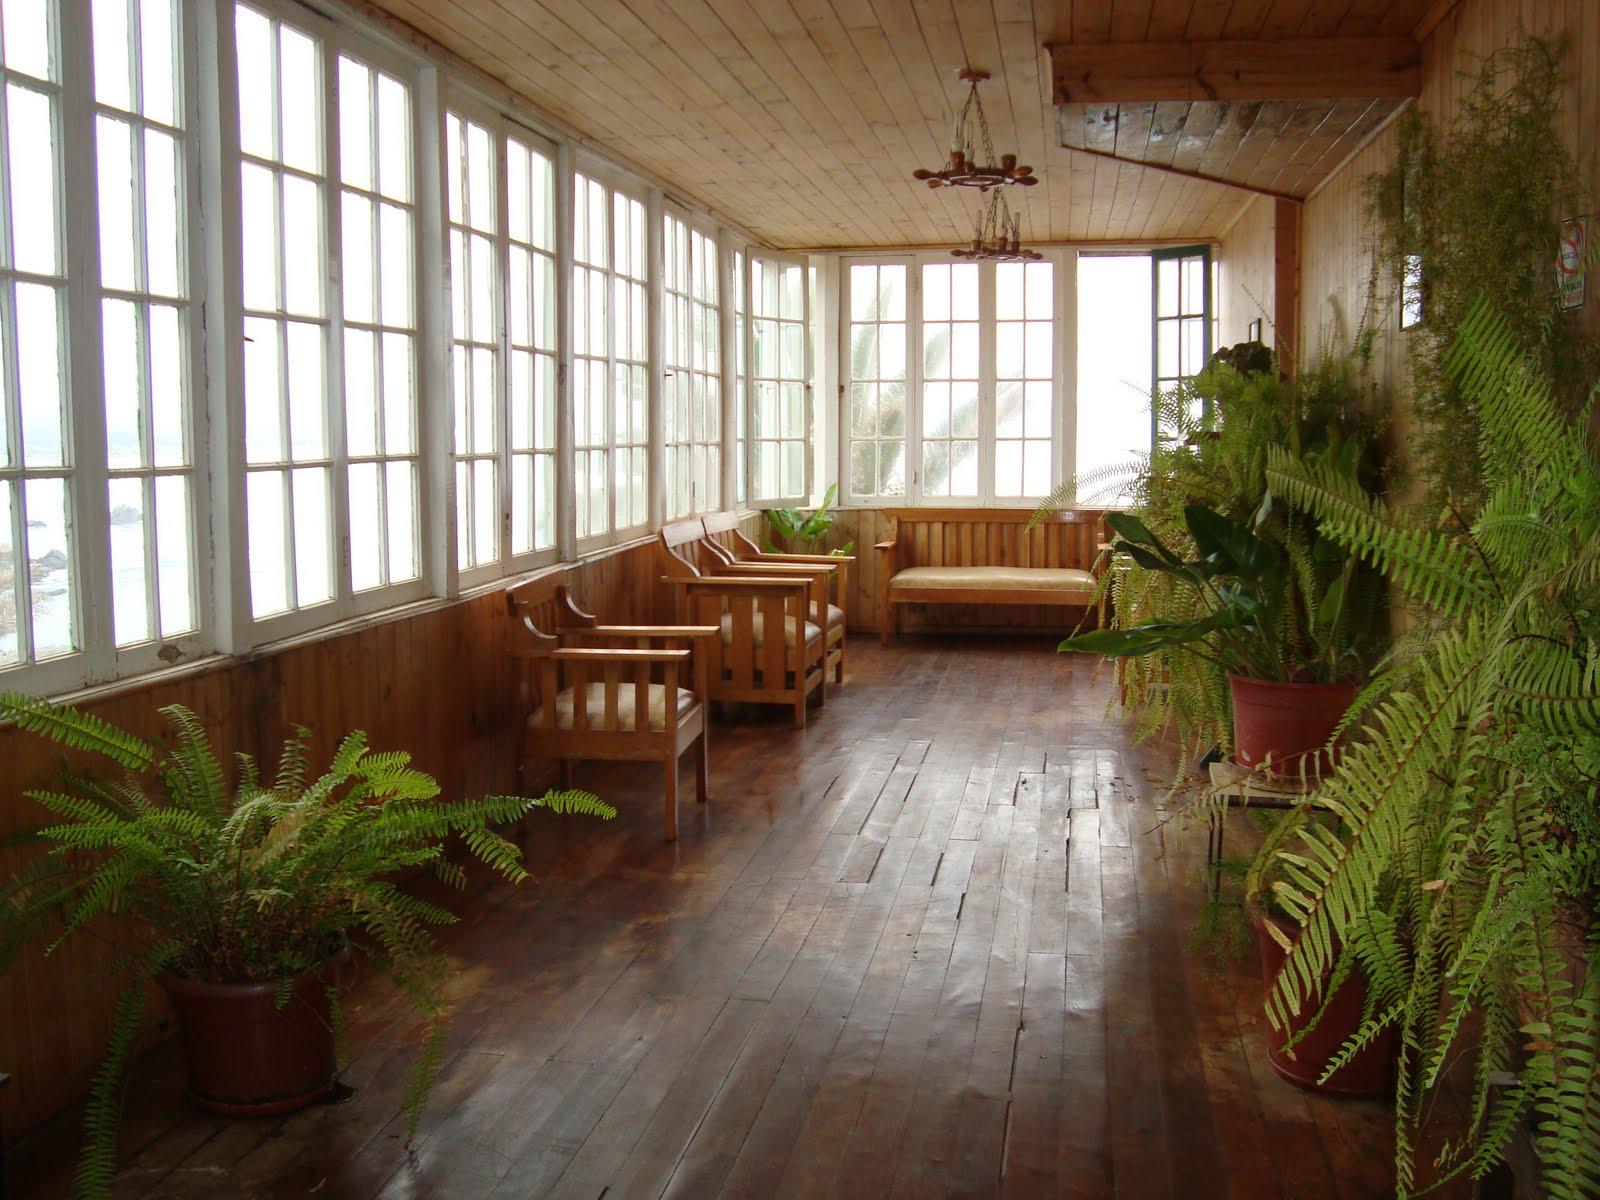 Hotel villa trouville for Appart hotel trouville